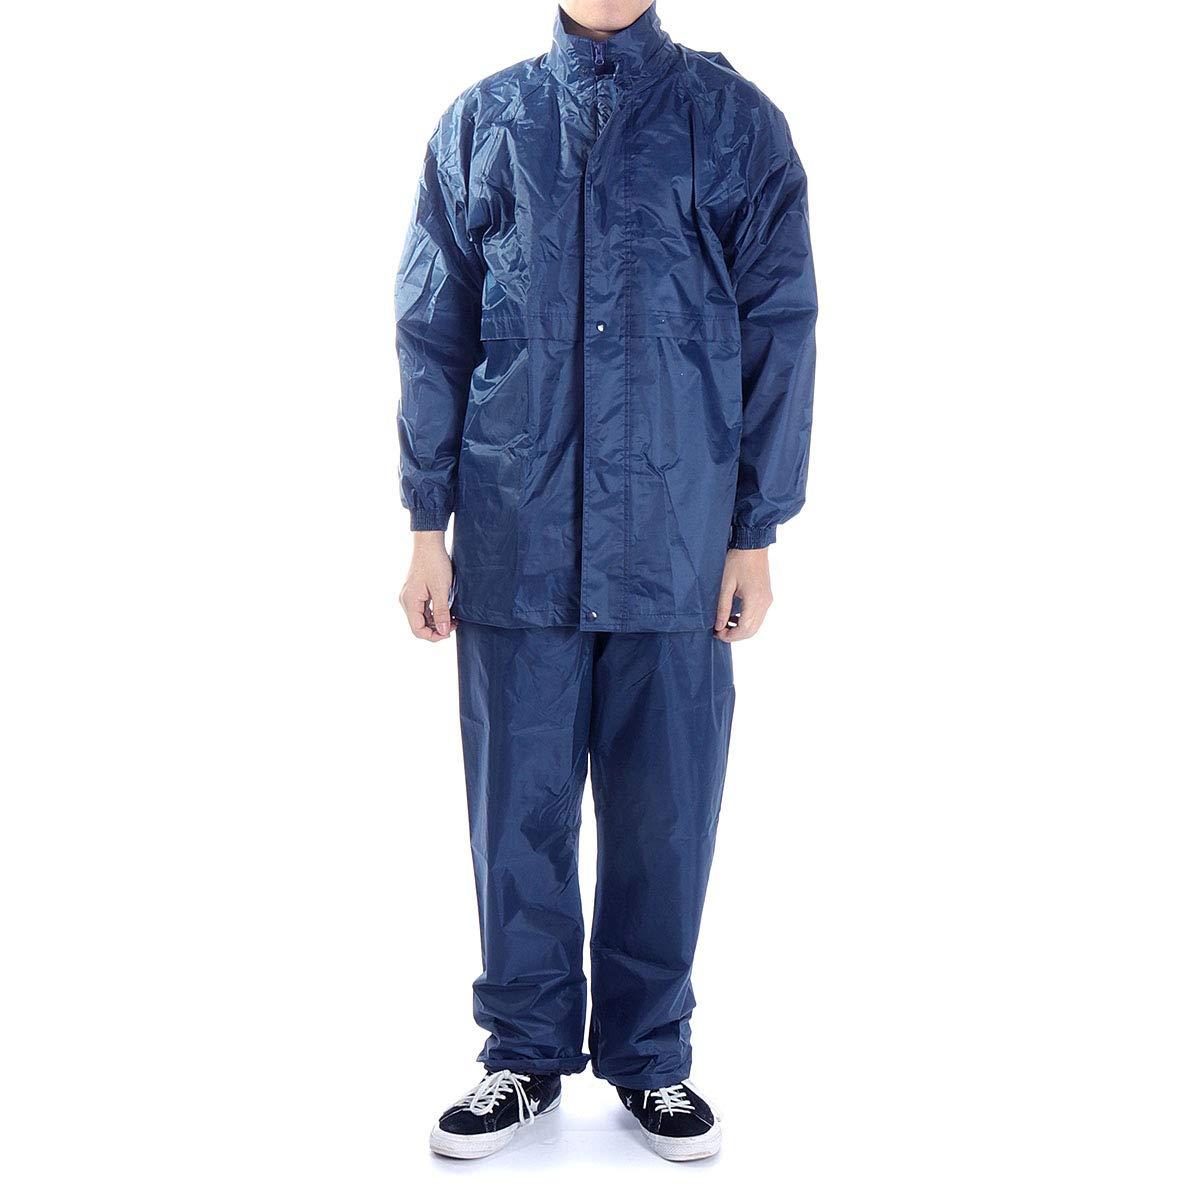 Farway Waterproof Split Raincoat Adult Men Women Motorcycle Outdoor Riding Suit Pant Suit